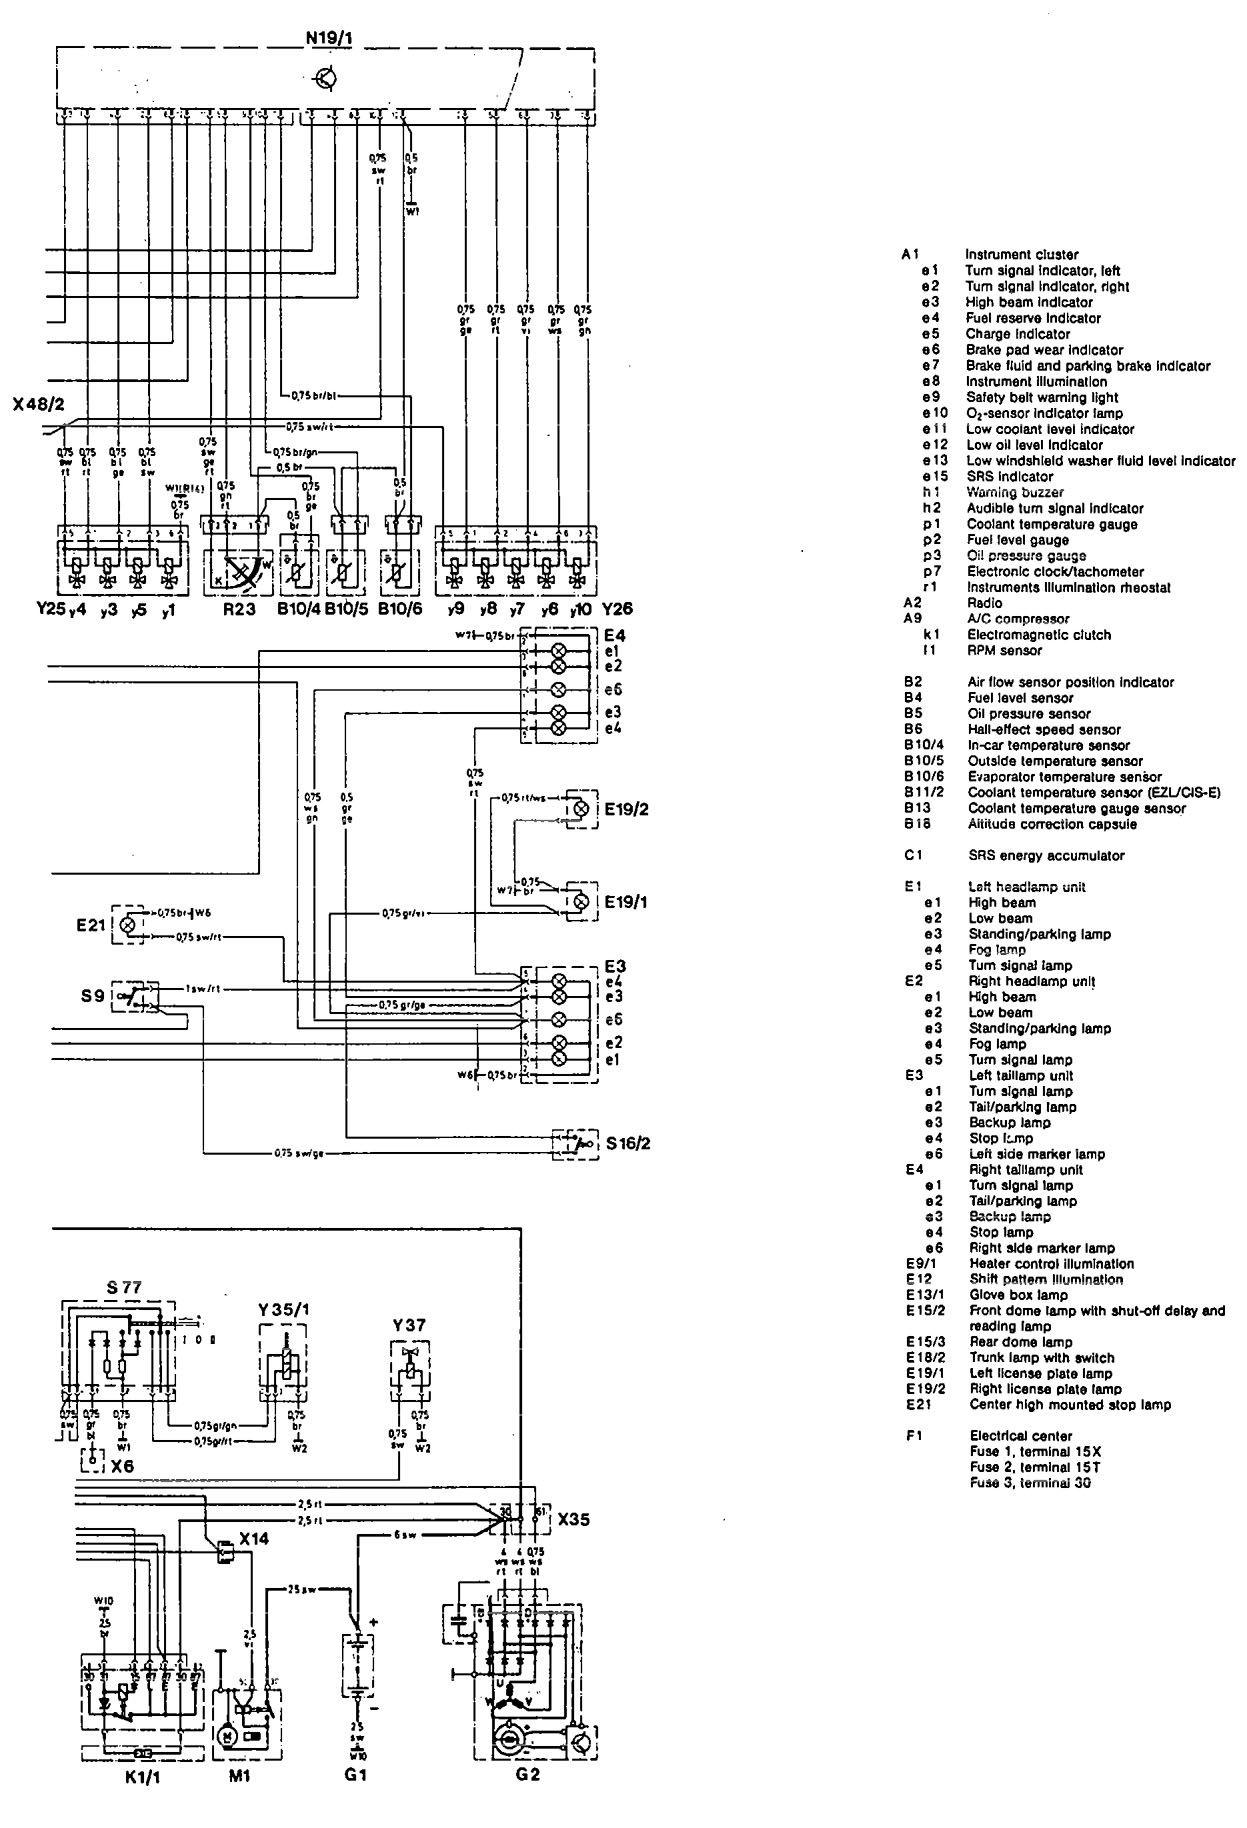 Mercedes-Benz 190E (1992) – wiring diagrams – interior lighting